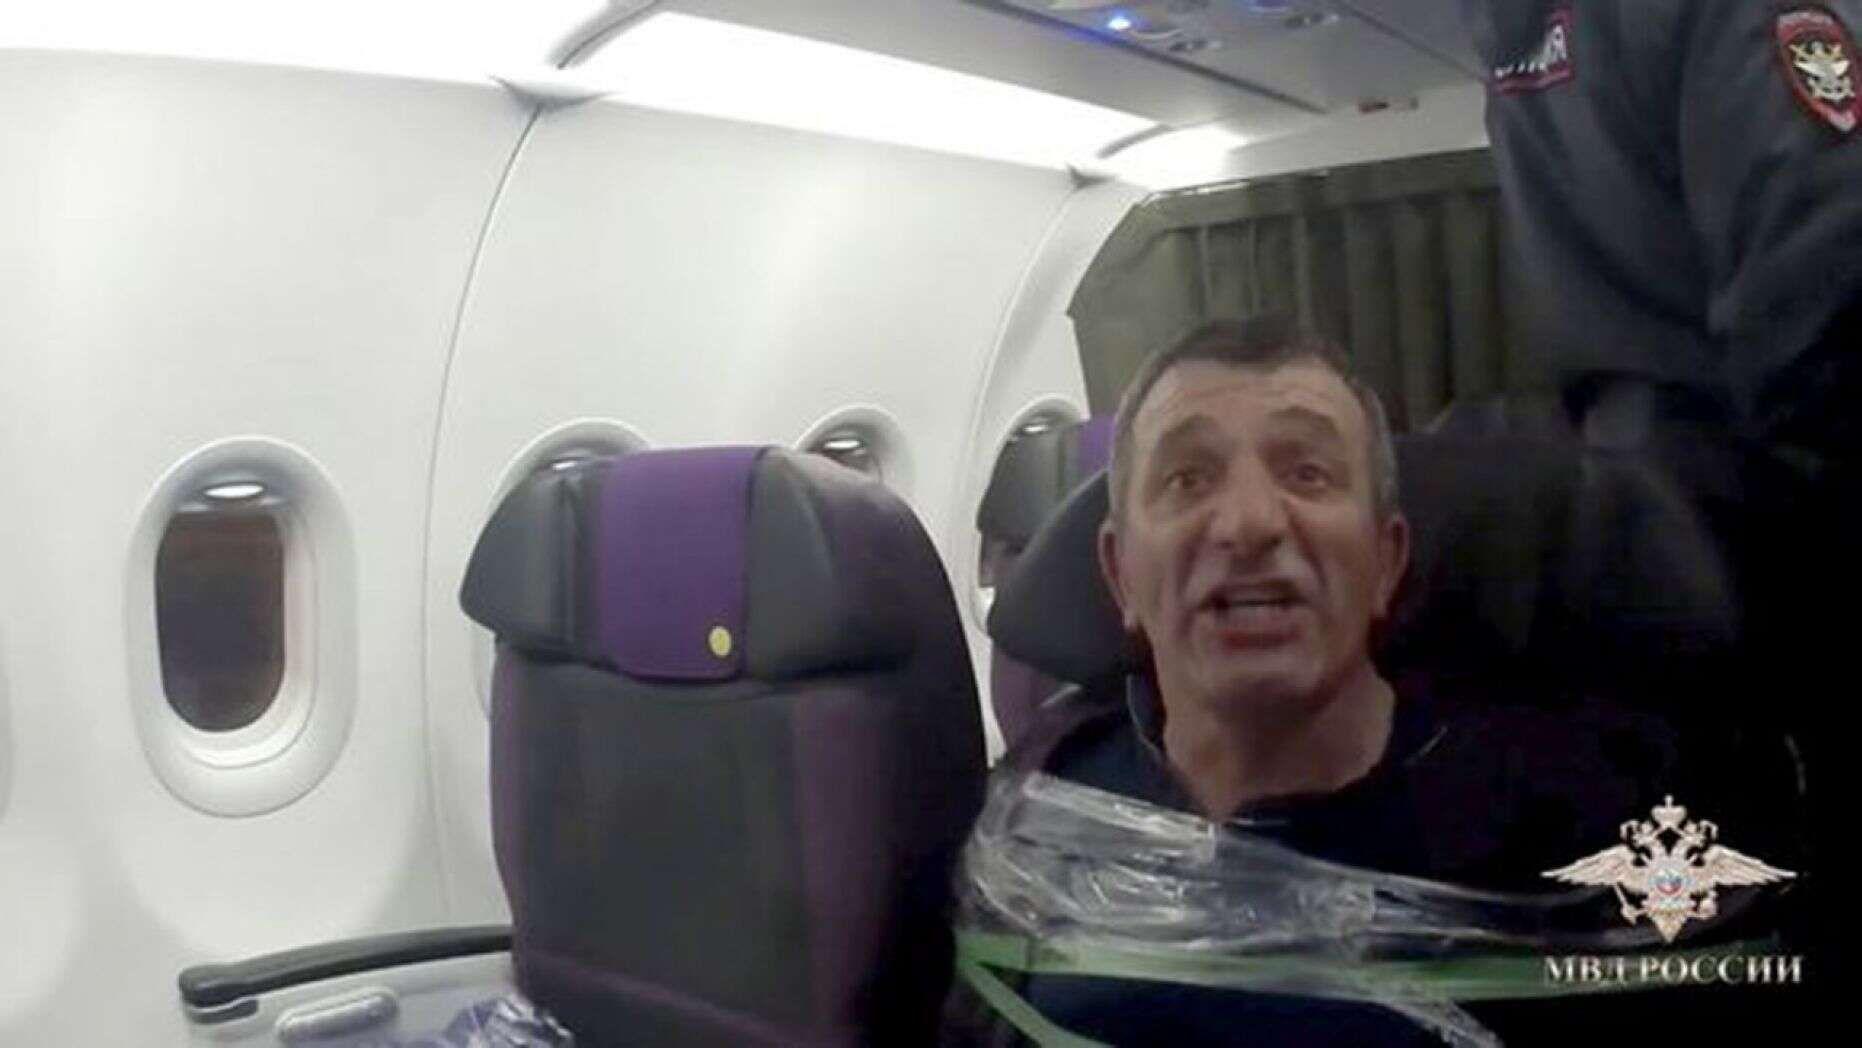 俄罗斯国内航班一醉酒男子闯驾驶舱 被乘客用胶带绑住